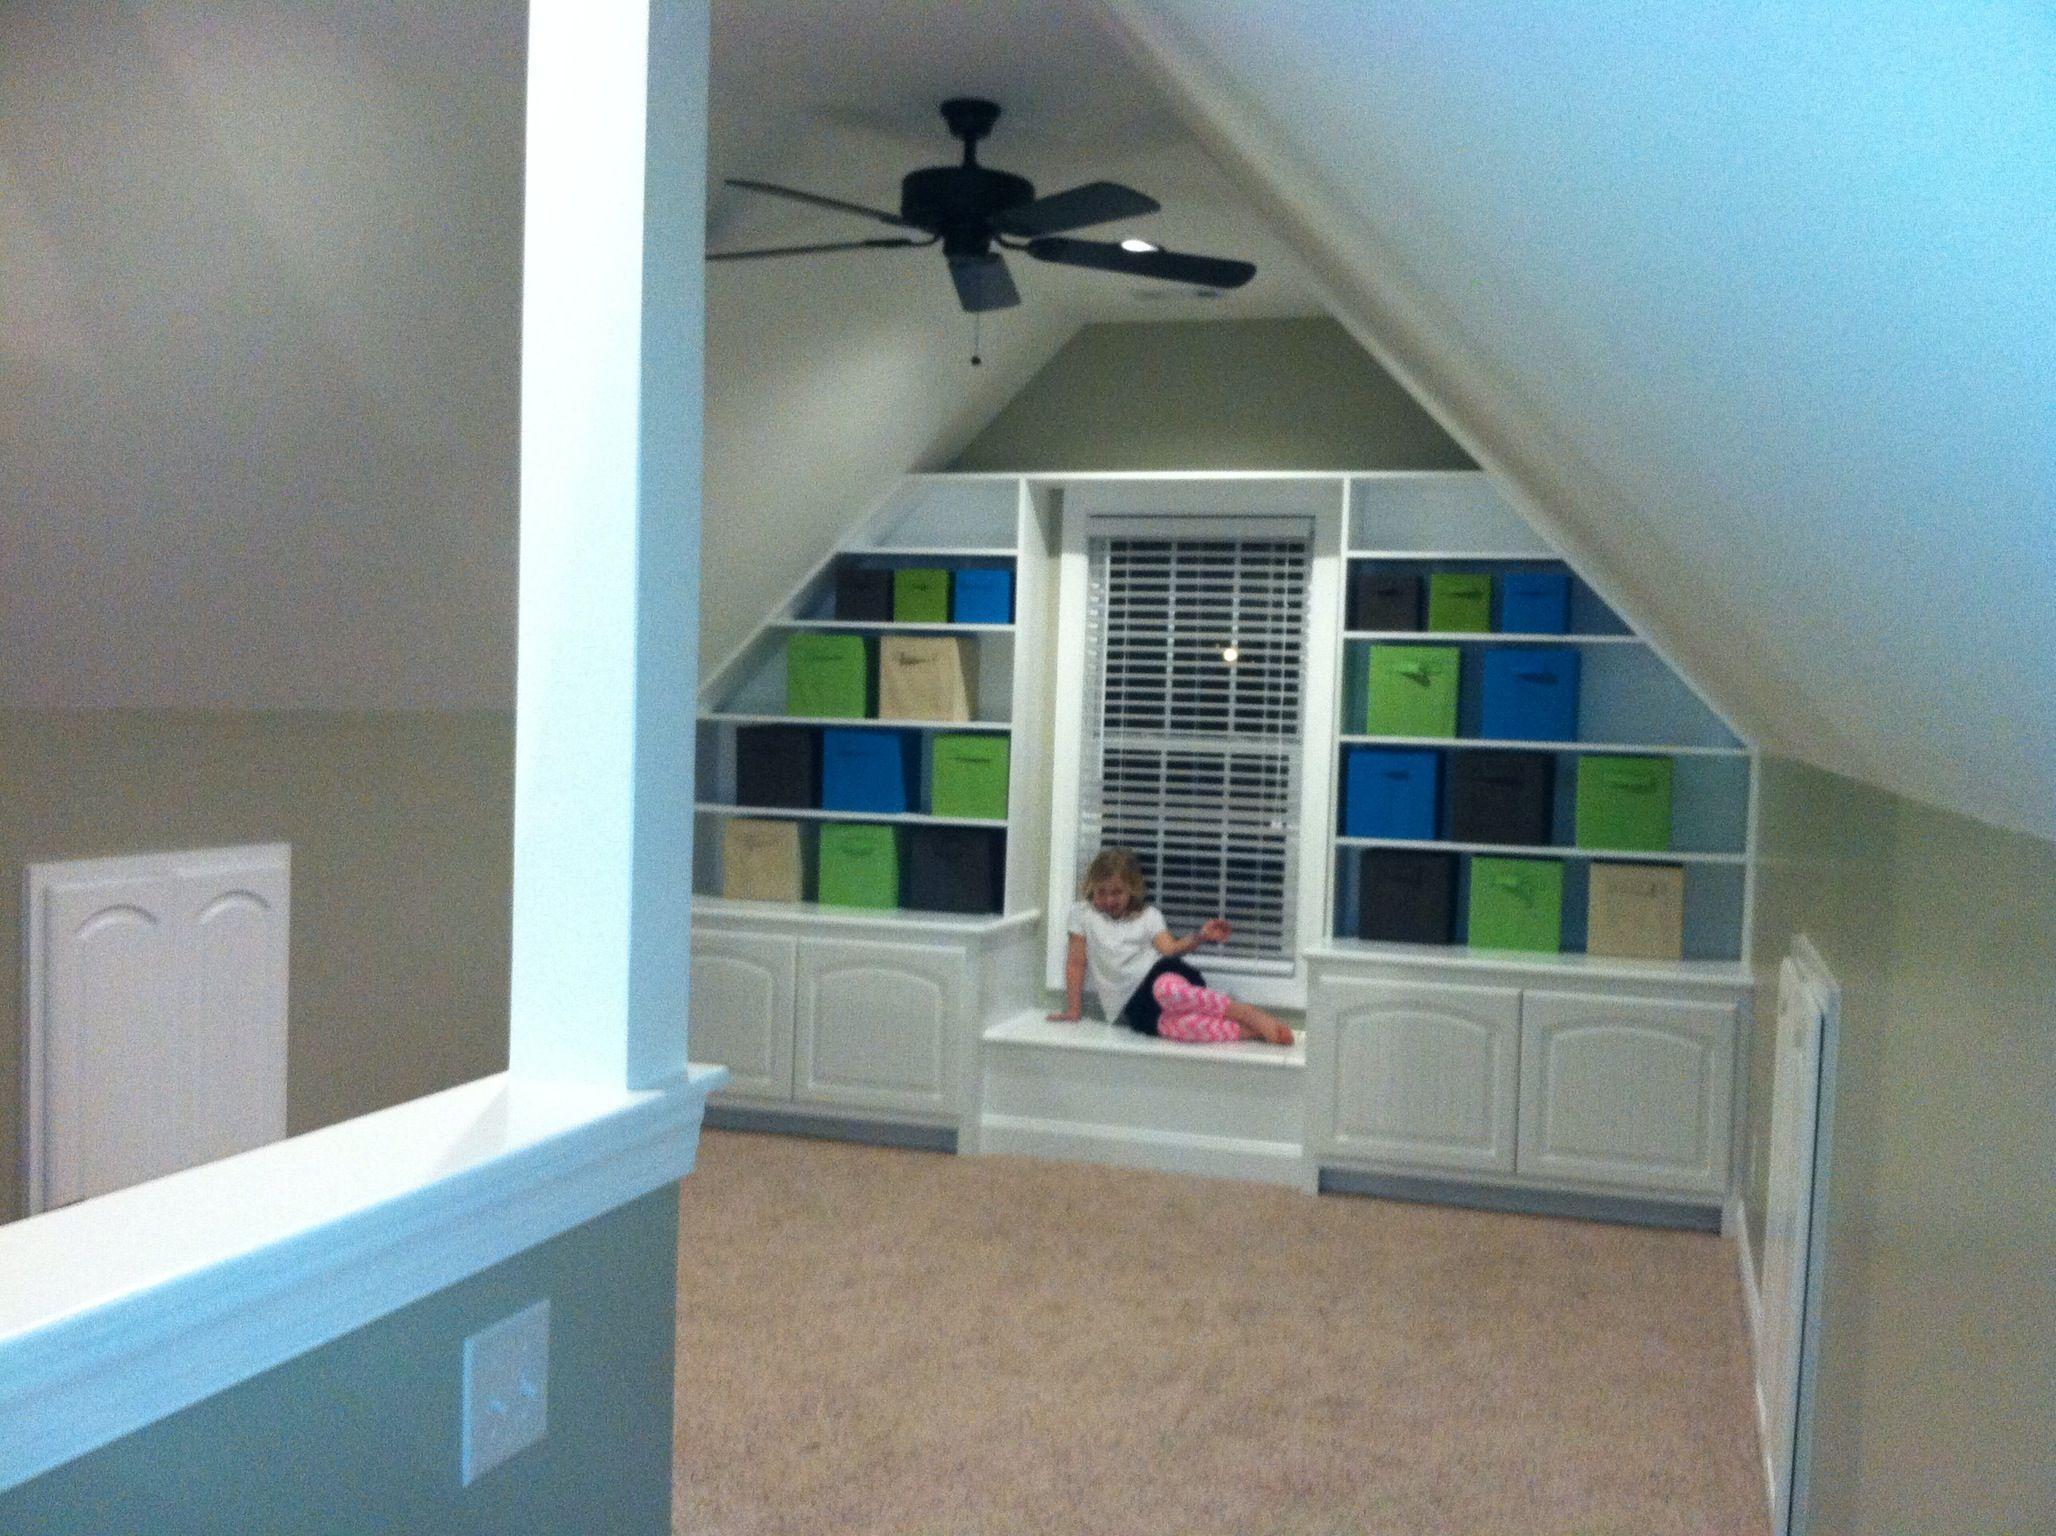 Built In Storage Bonus Room 2019 Design